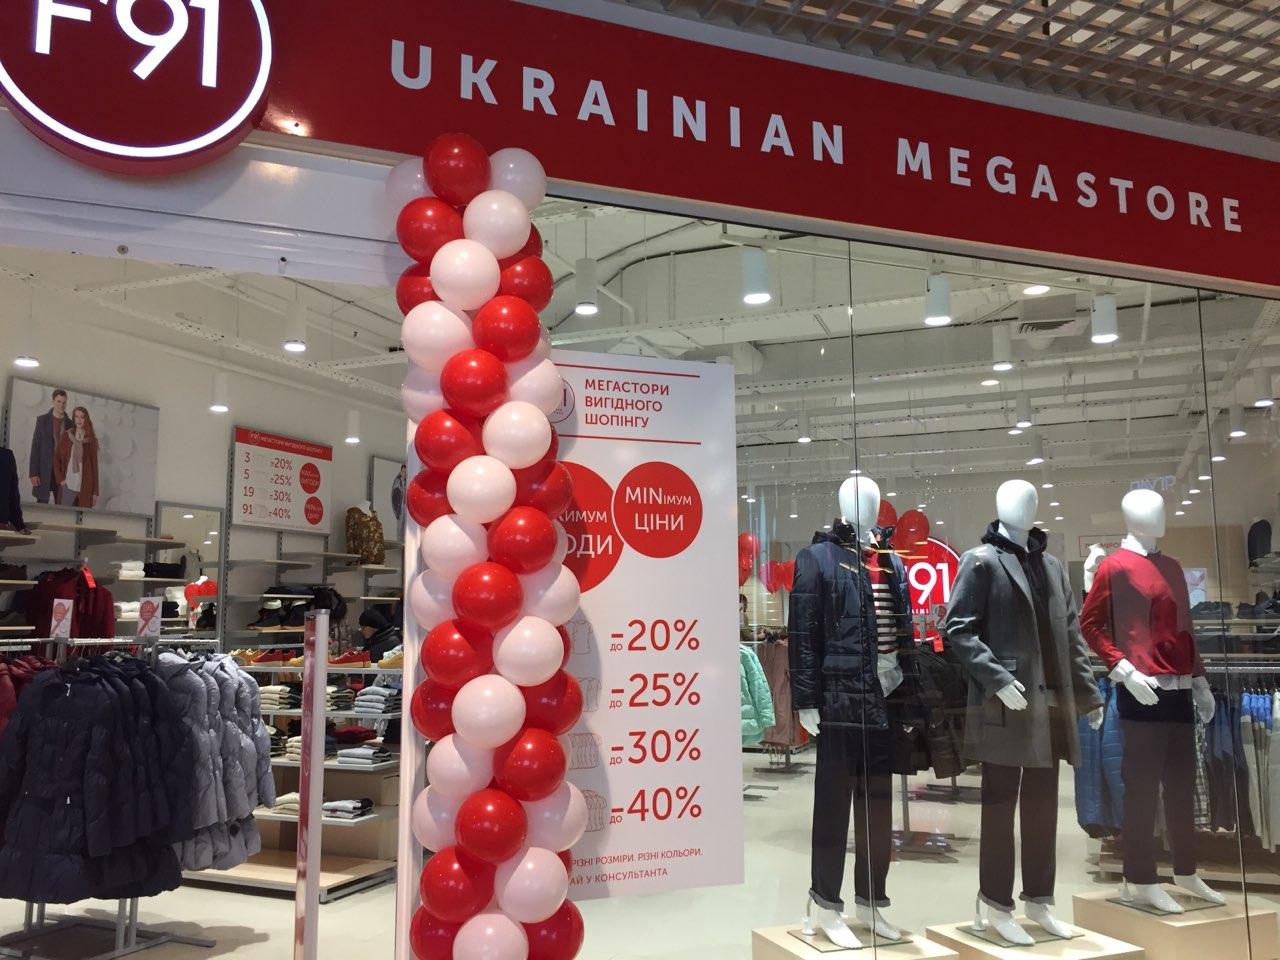 В них представлены одежда, обувь и аксессуары как собственного бренда F 91,  так и ведущих украинских производителей и дизайнеров. В ассортименте мужская  и ... f20146d4e9b